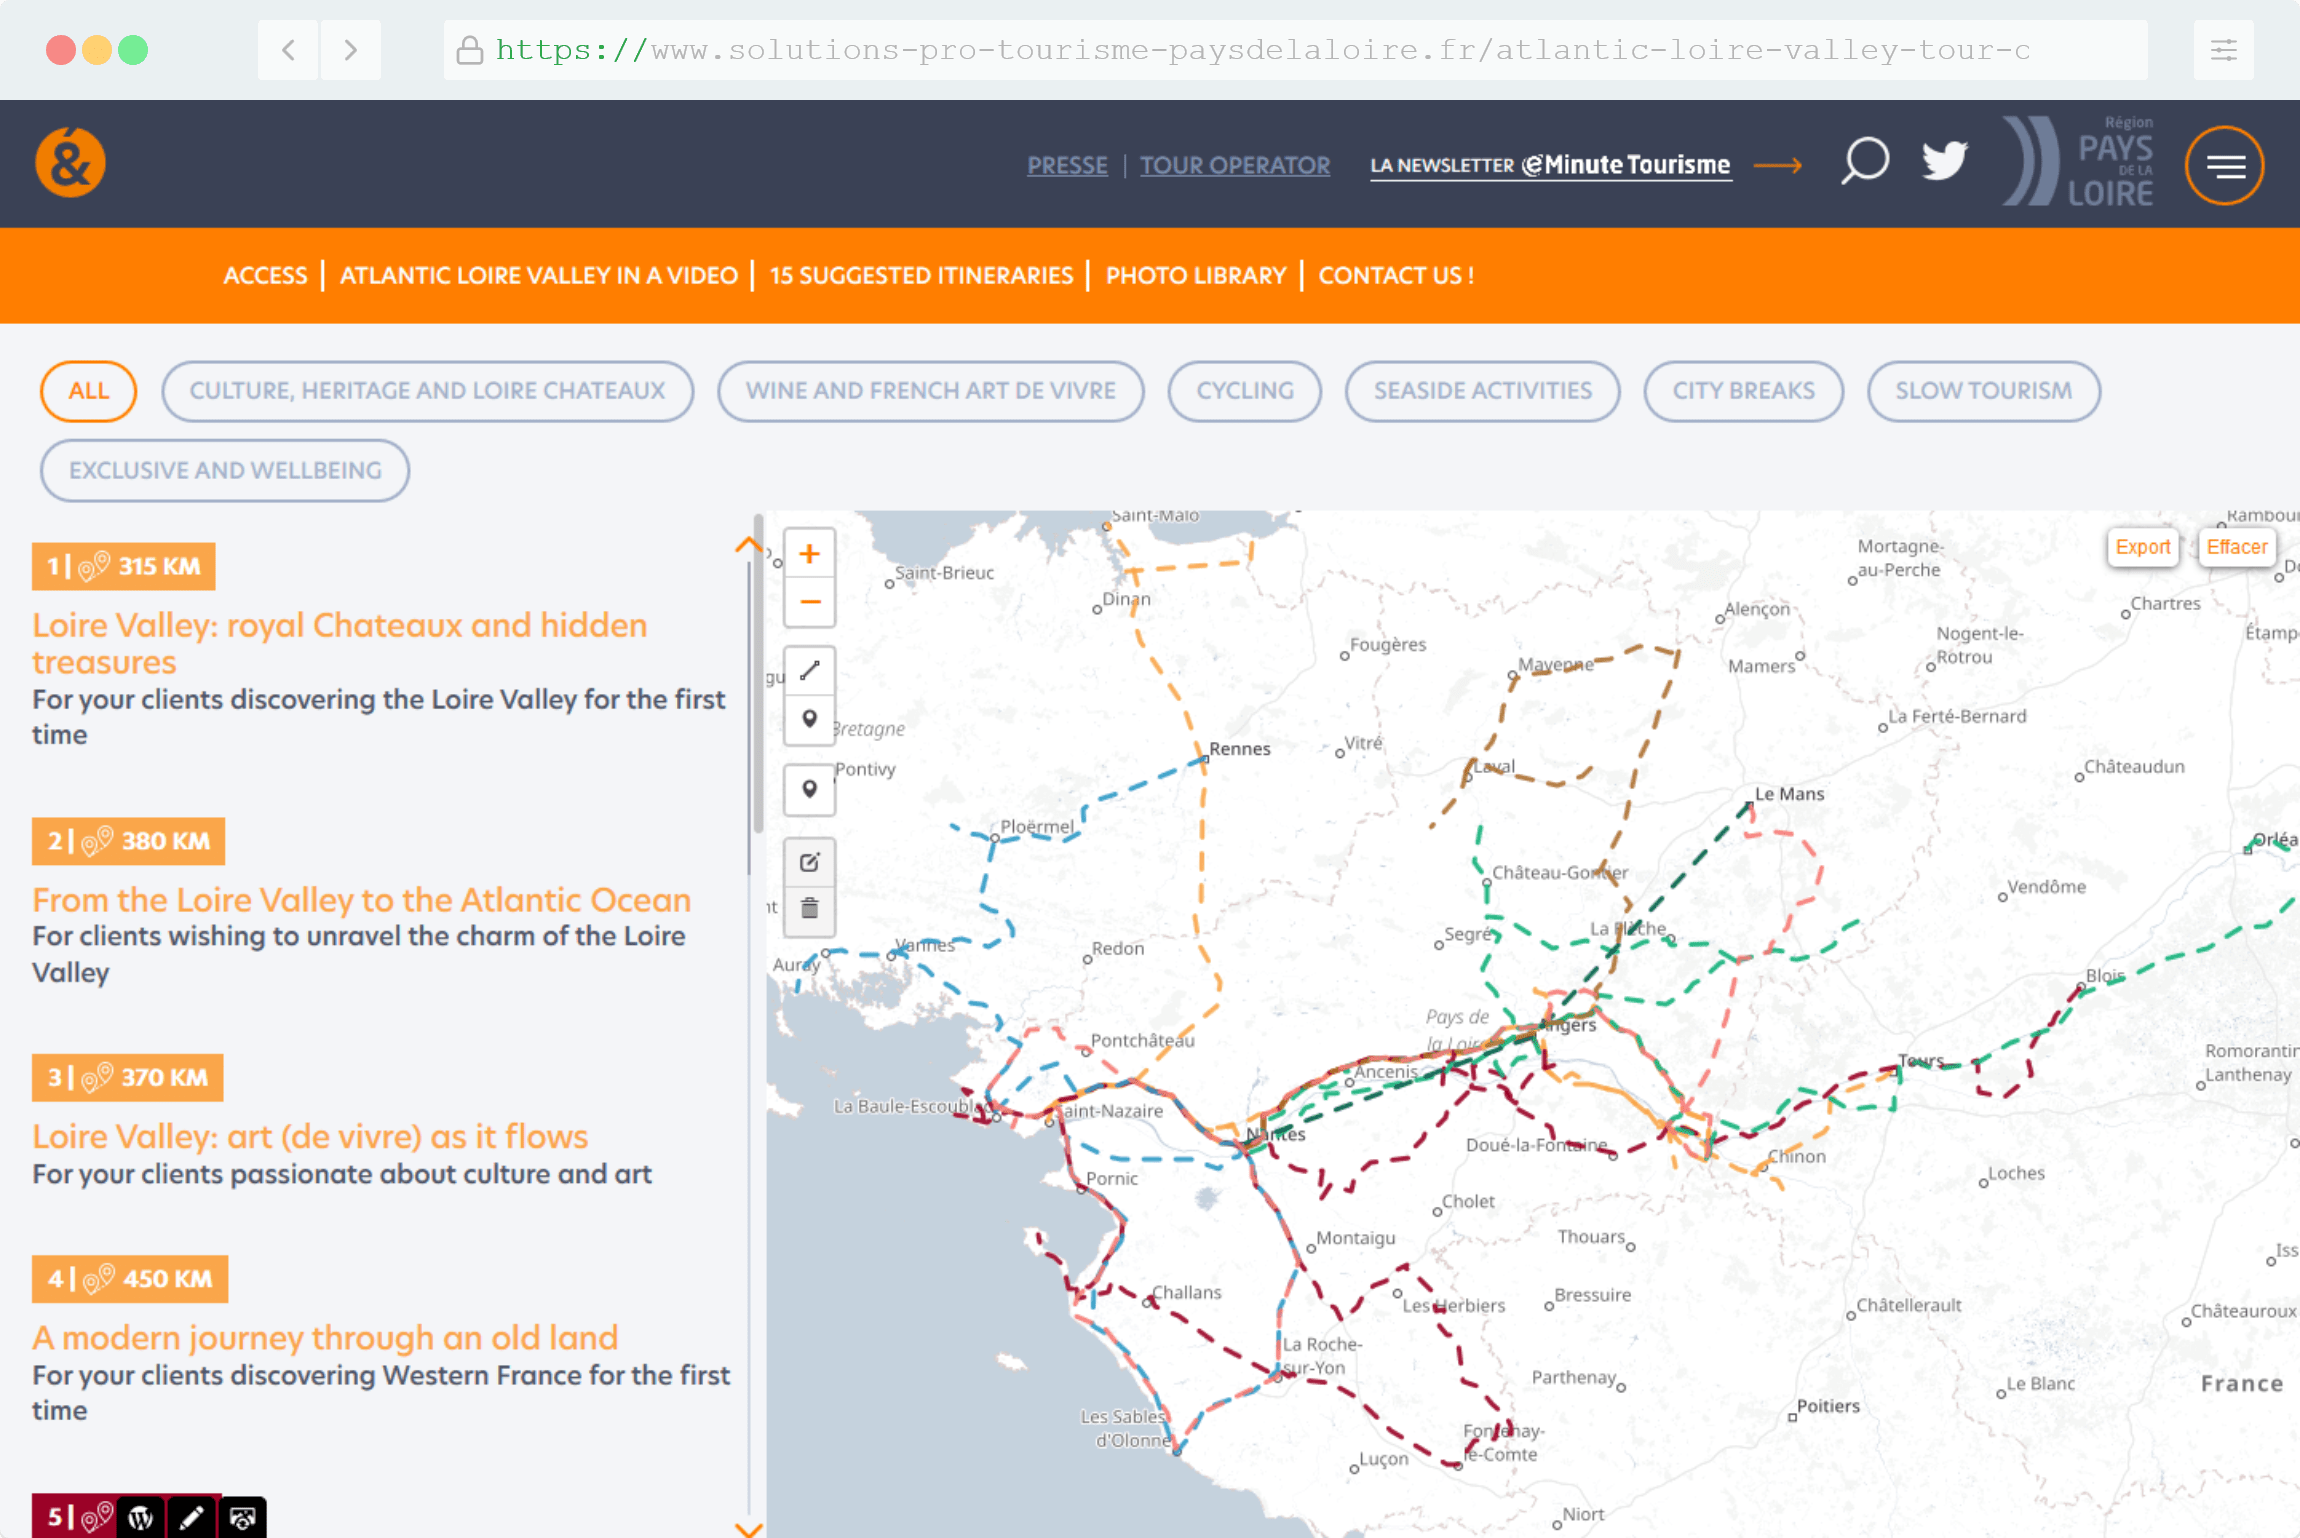 Exemple de réalisation de cartographie pour le site internet Solution Pro Tourisme